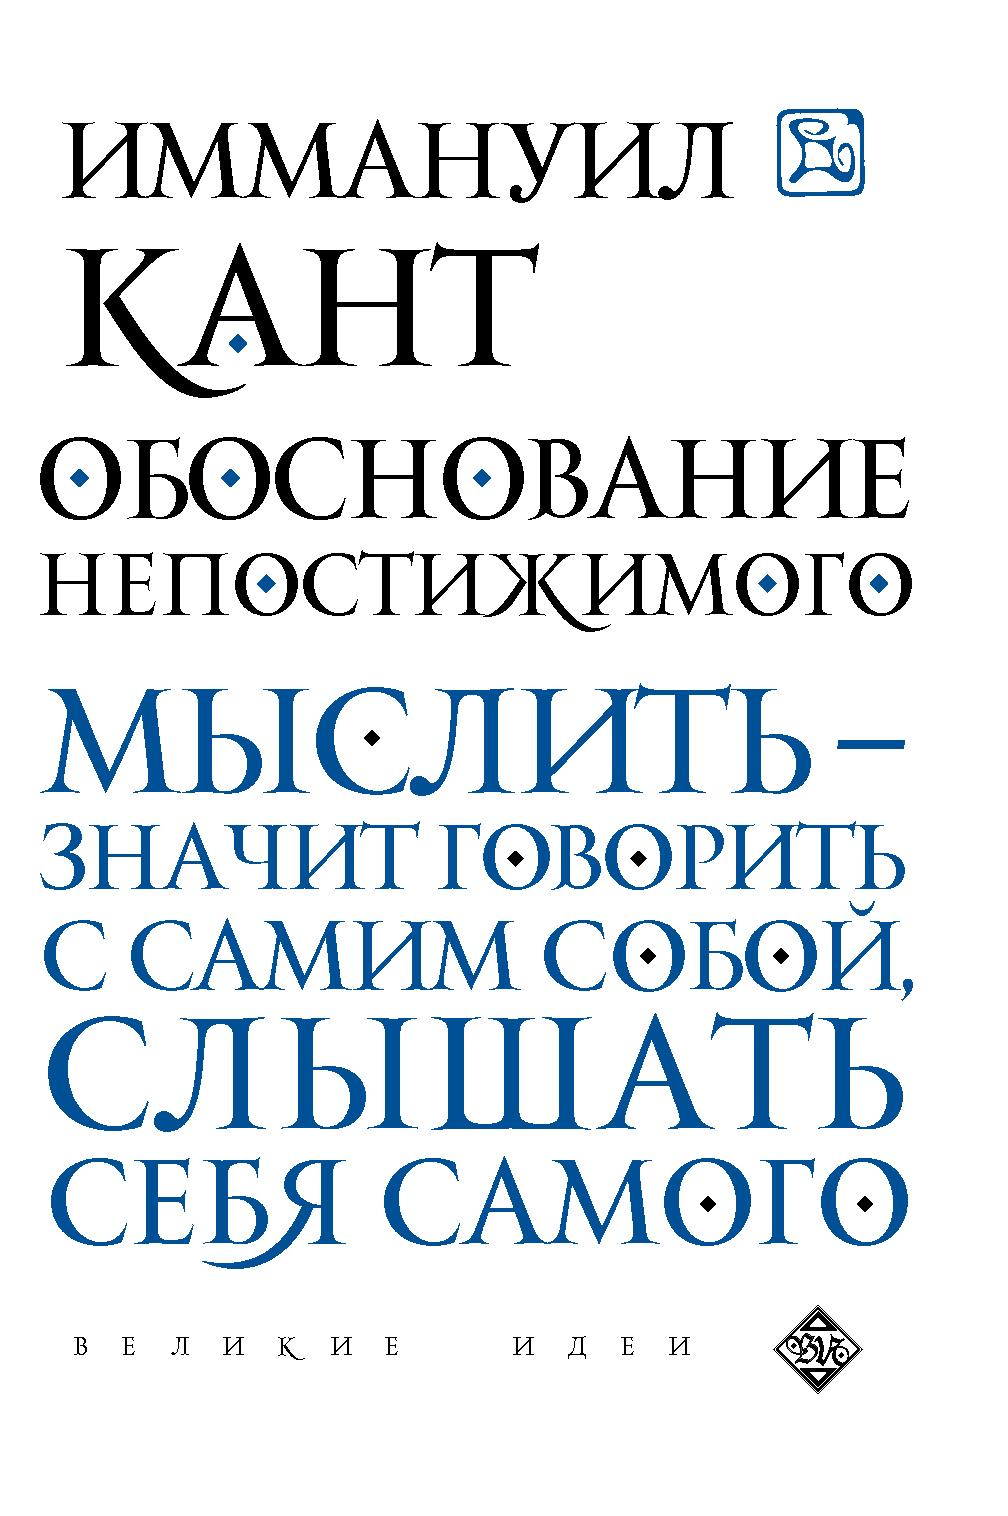 Иммануил Кант Обоснование непостижимого брокман дж во что мы верим но не можем доказать